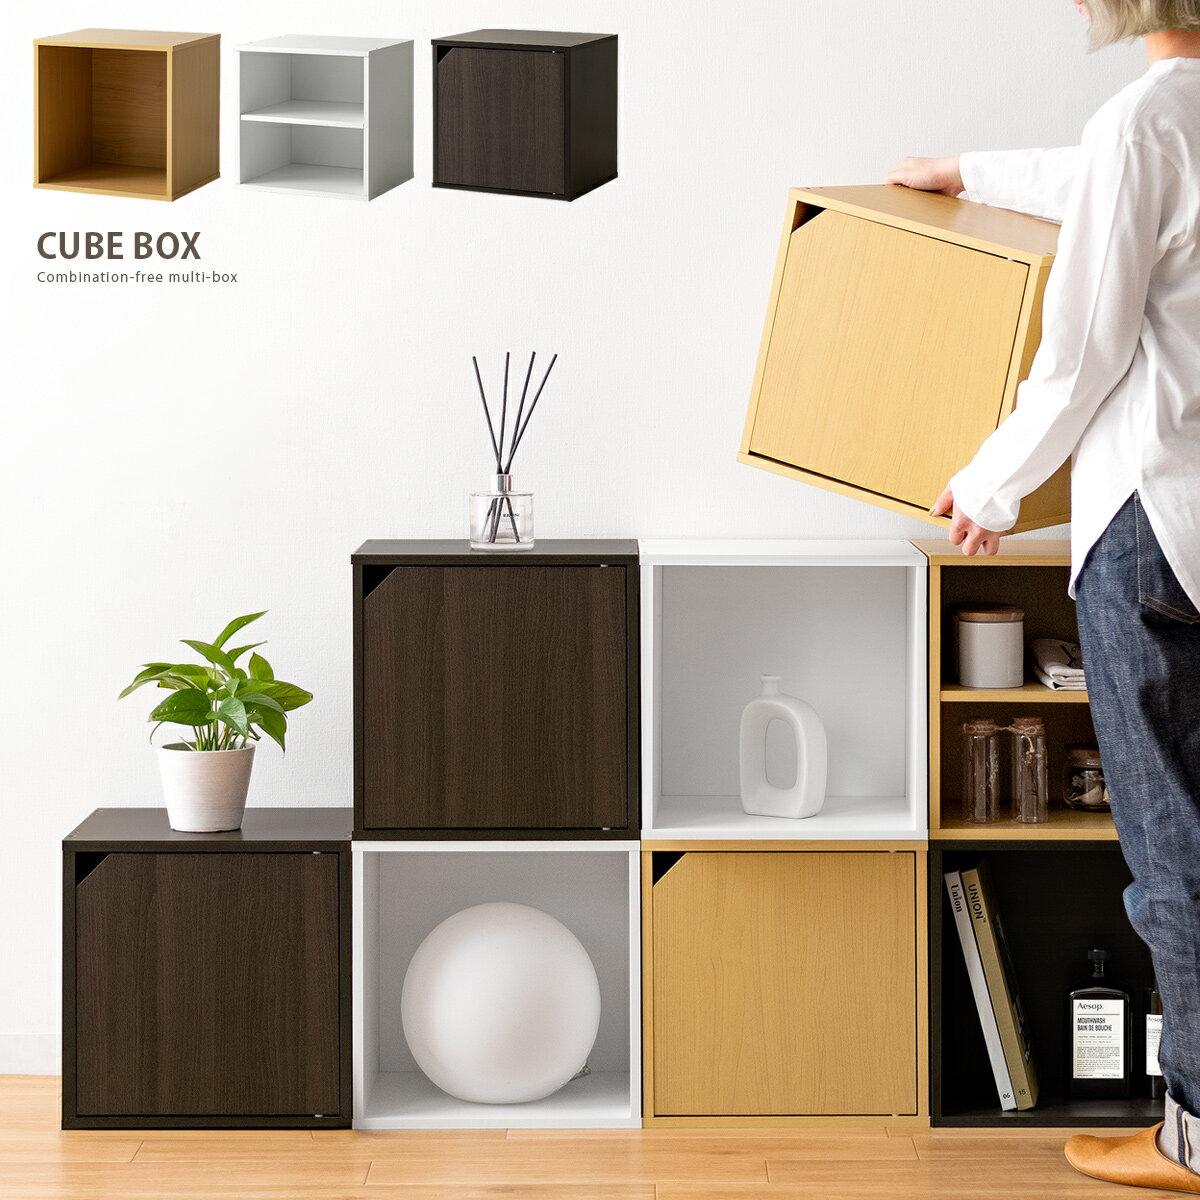 送料無料 キューブボックス 木製 収納ボックス カラーボックス 本棚 収納棚 おしゃれ 収…...:air-rhizome:10001878